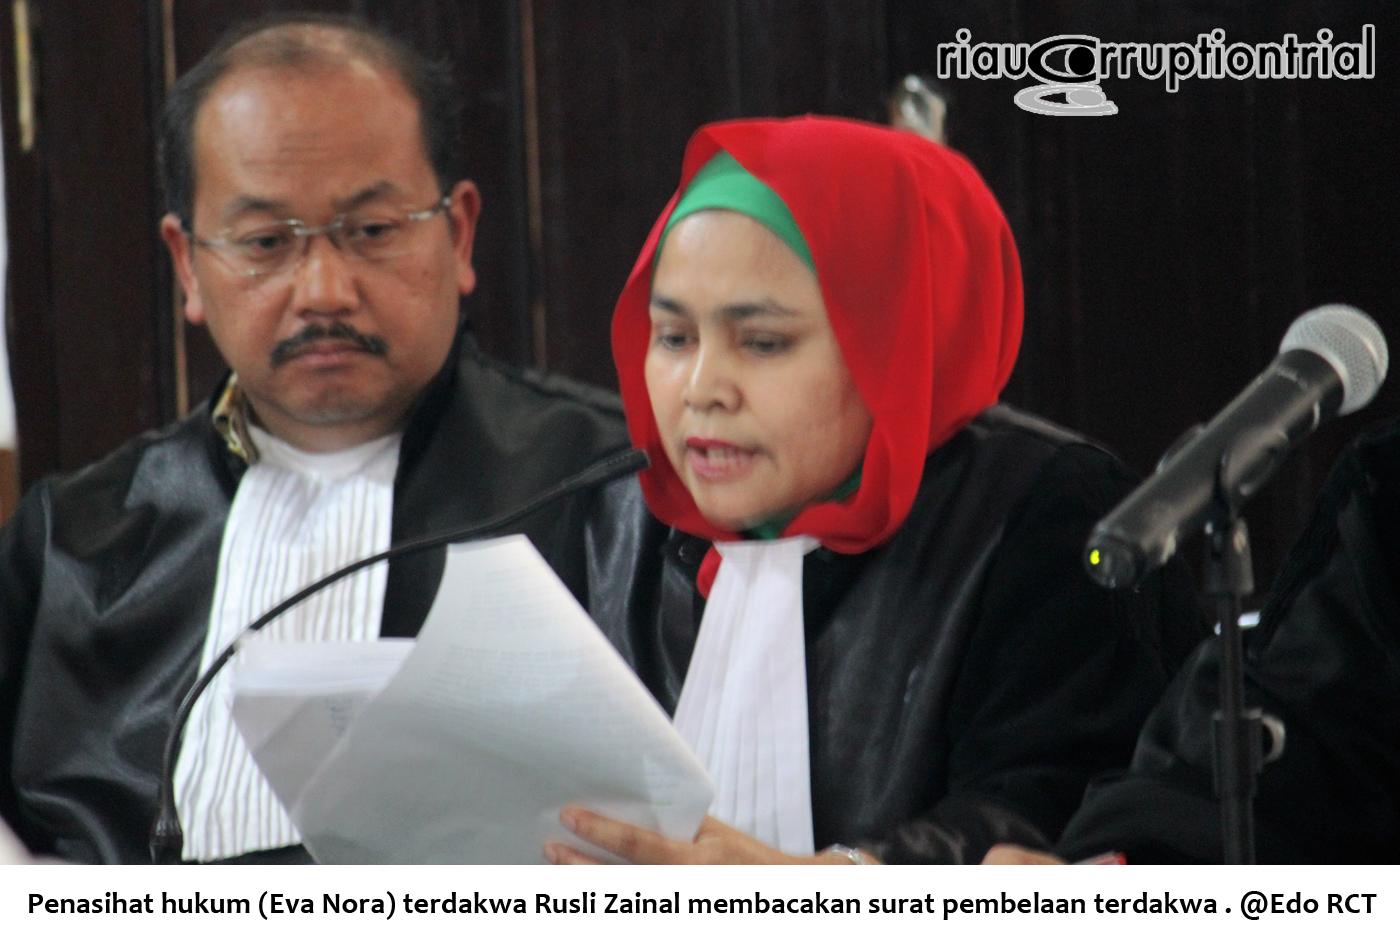 penasihat terdakwa RZ membacakan surat pembelaan RZ